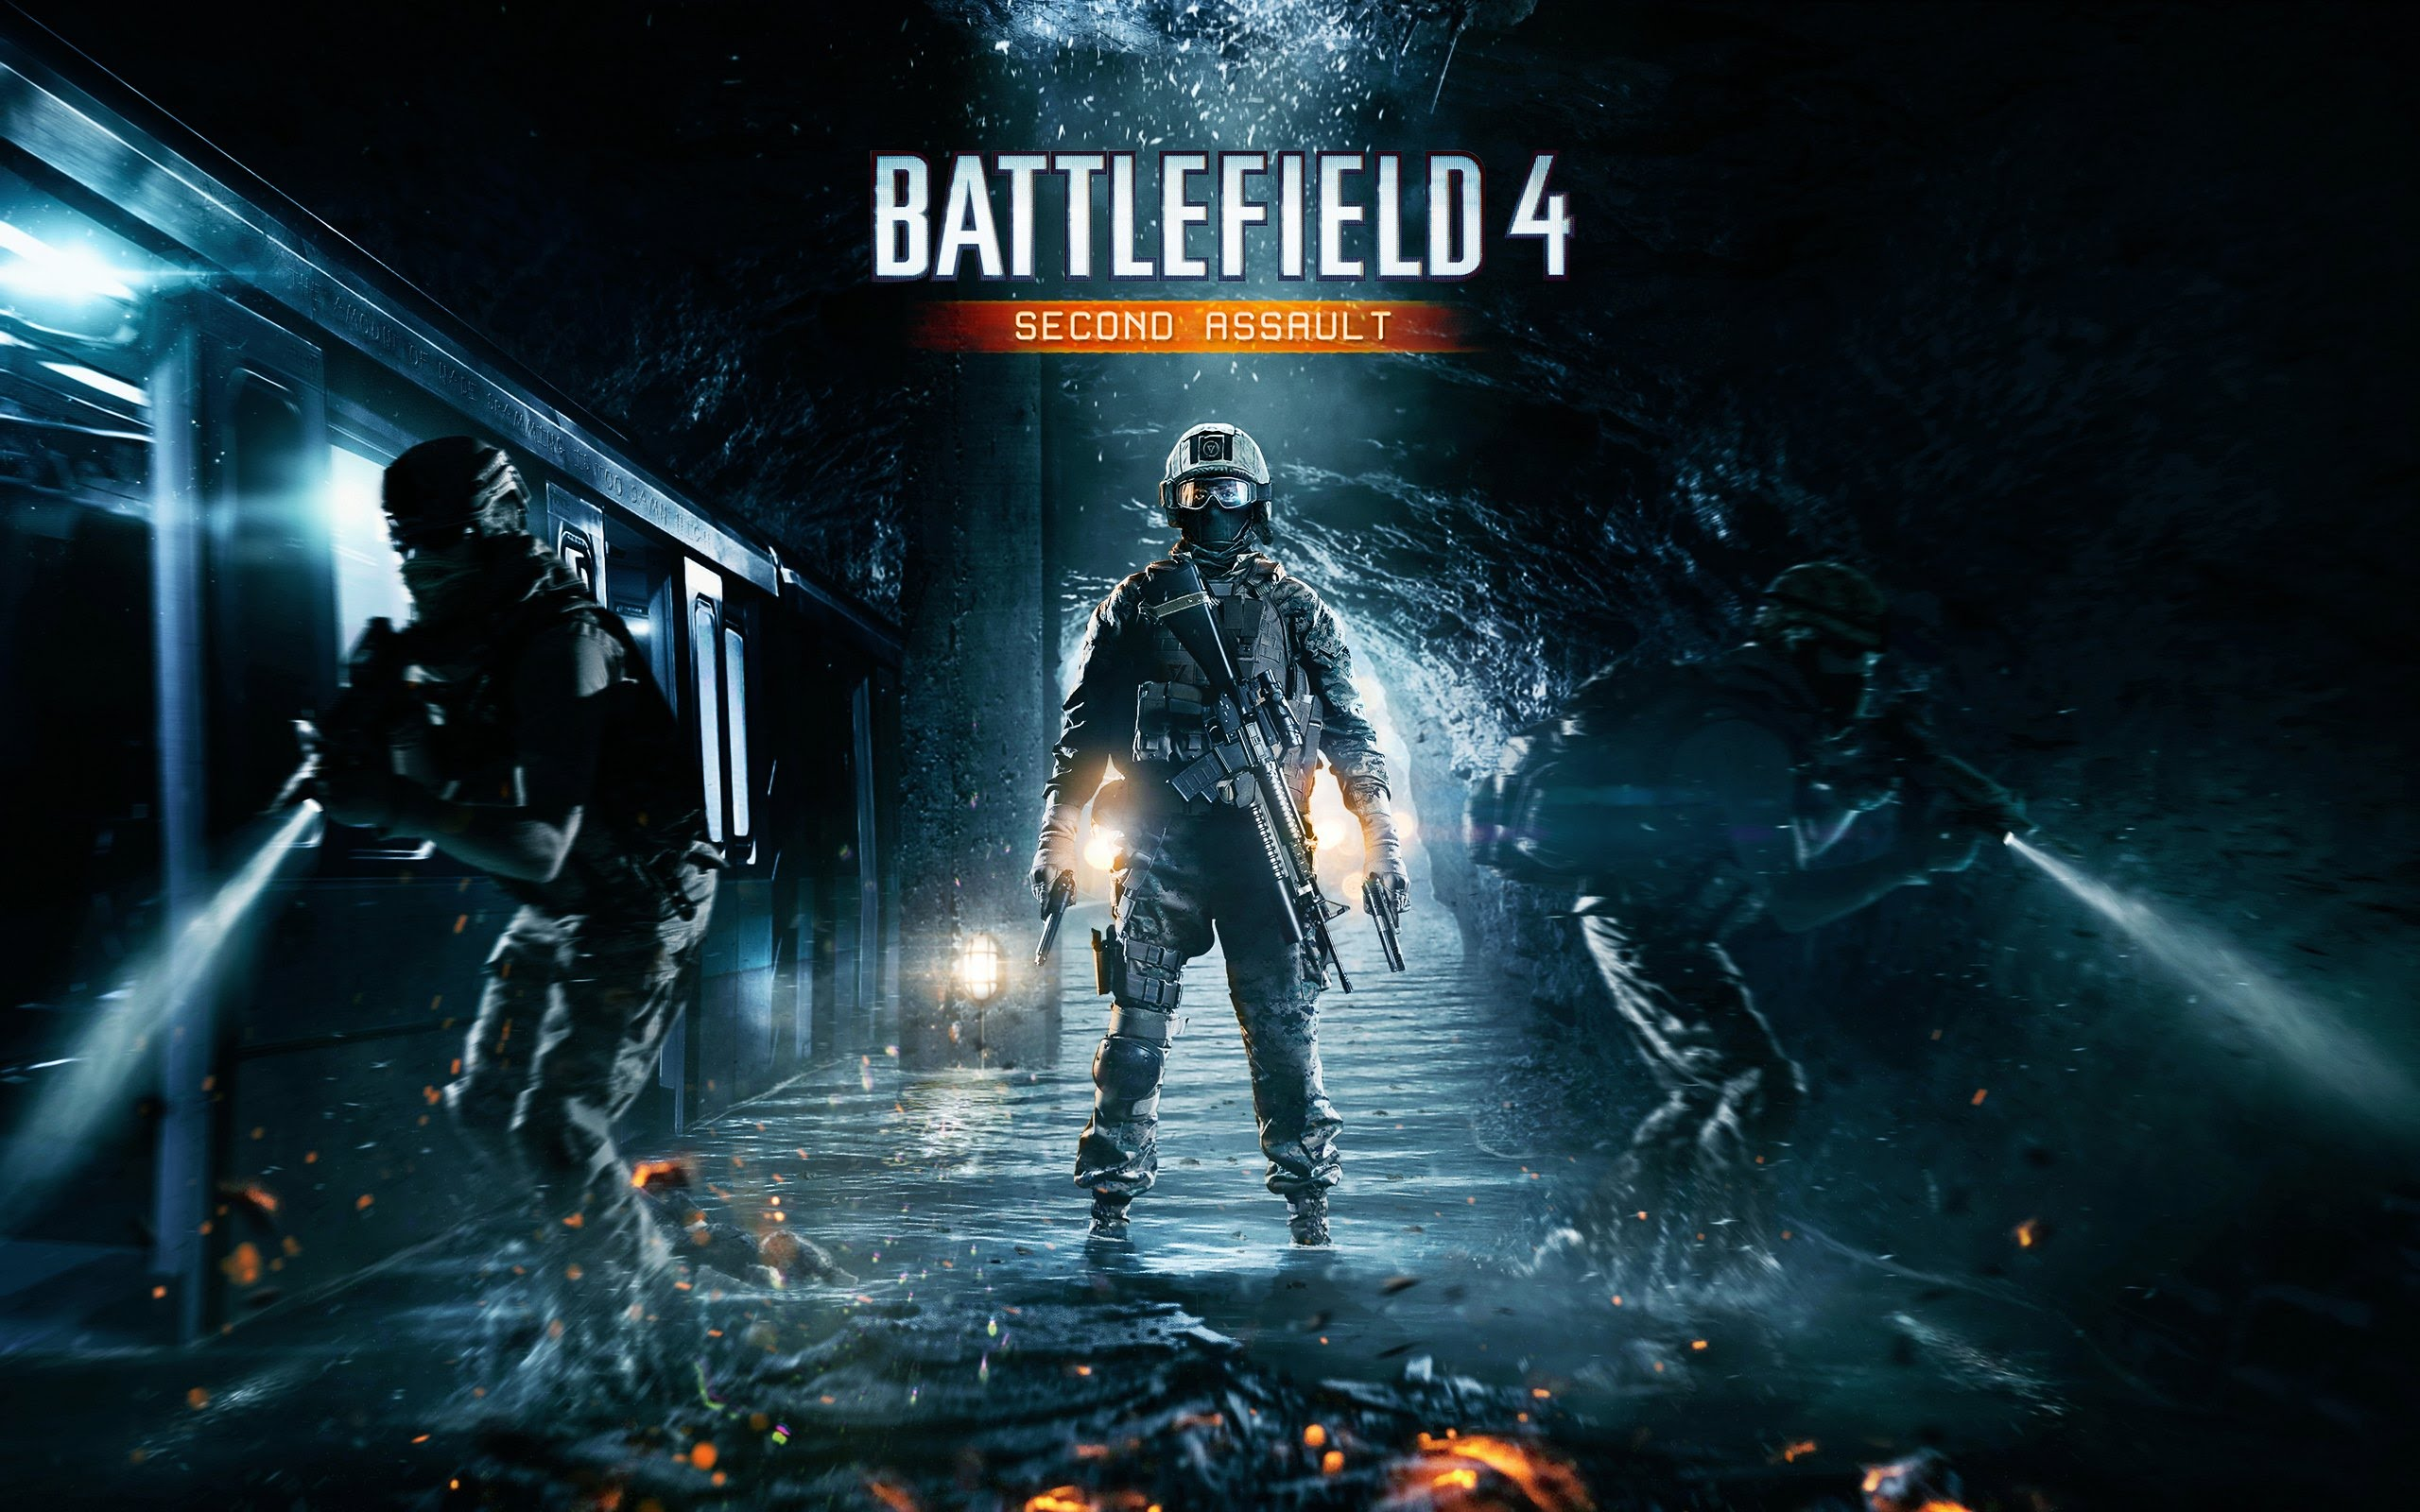 High Resolution Wallpaper   Battlefield 4 2560x1600 px